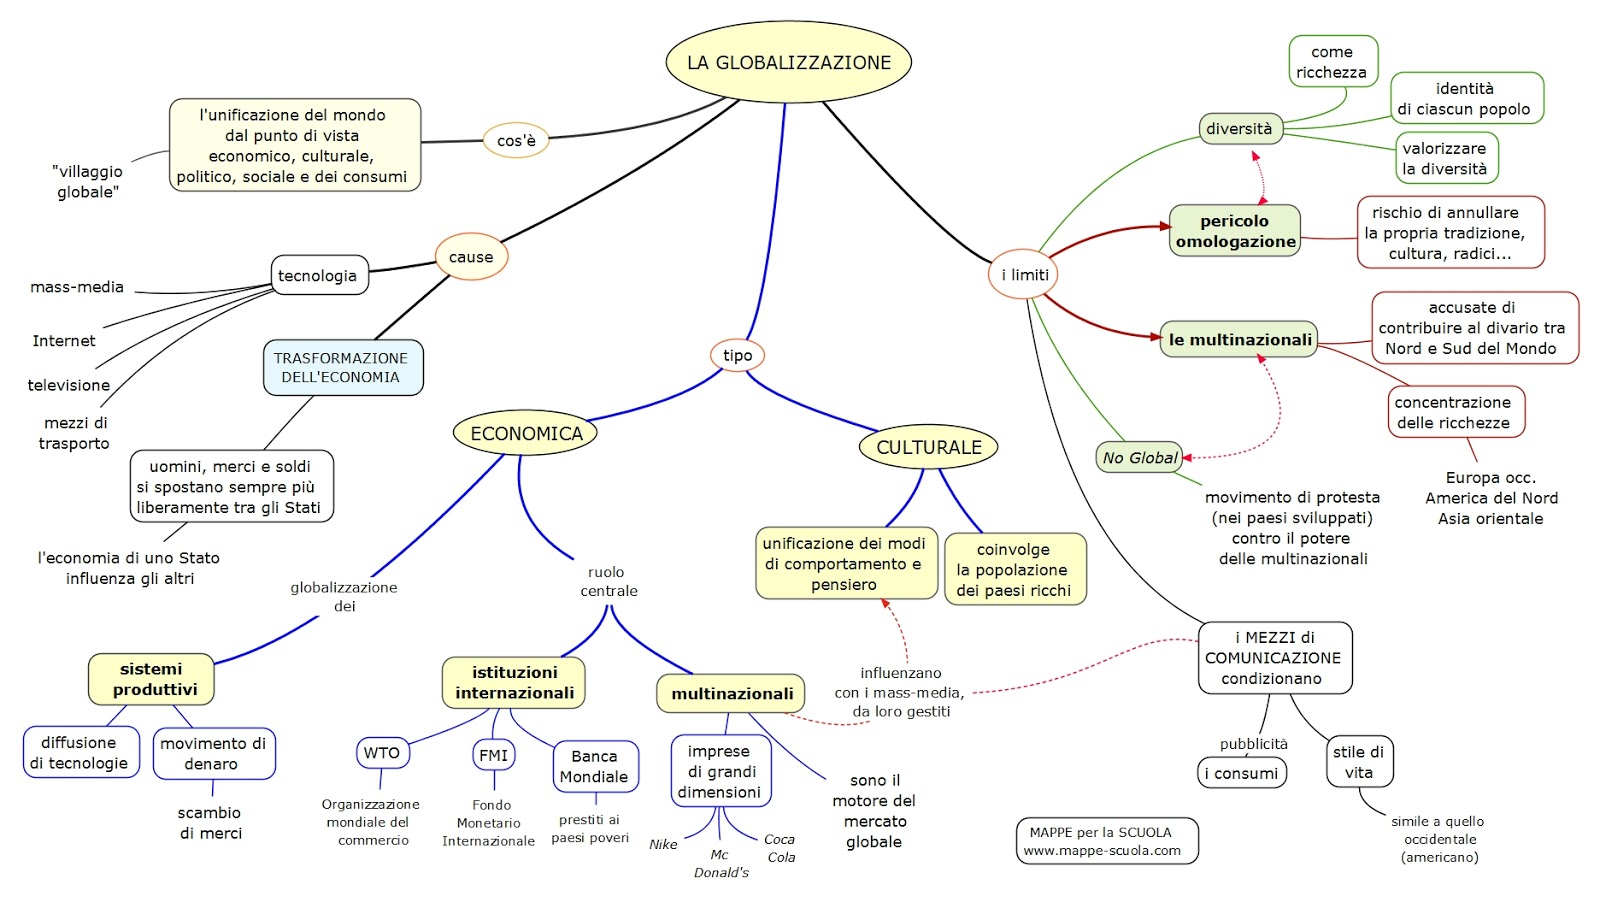 Mappe per la scuola la globalizzazione for Scienze della comunicazione esami da sostenere